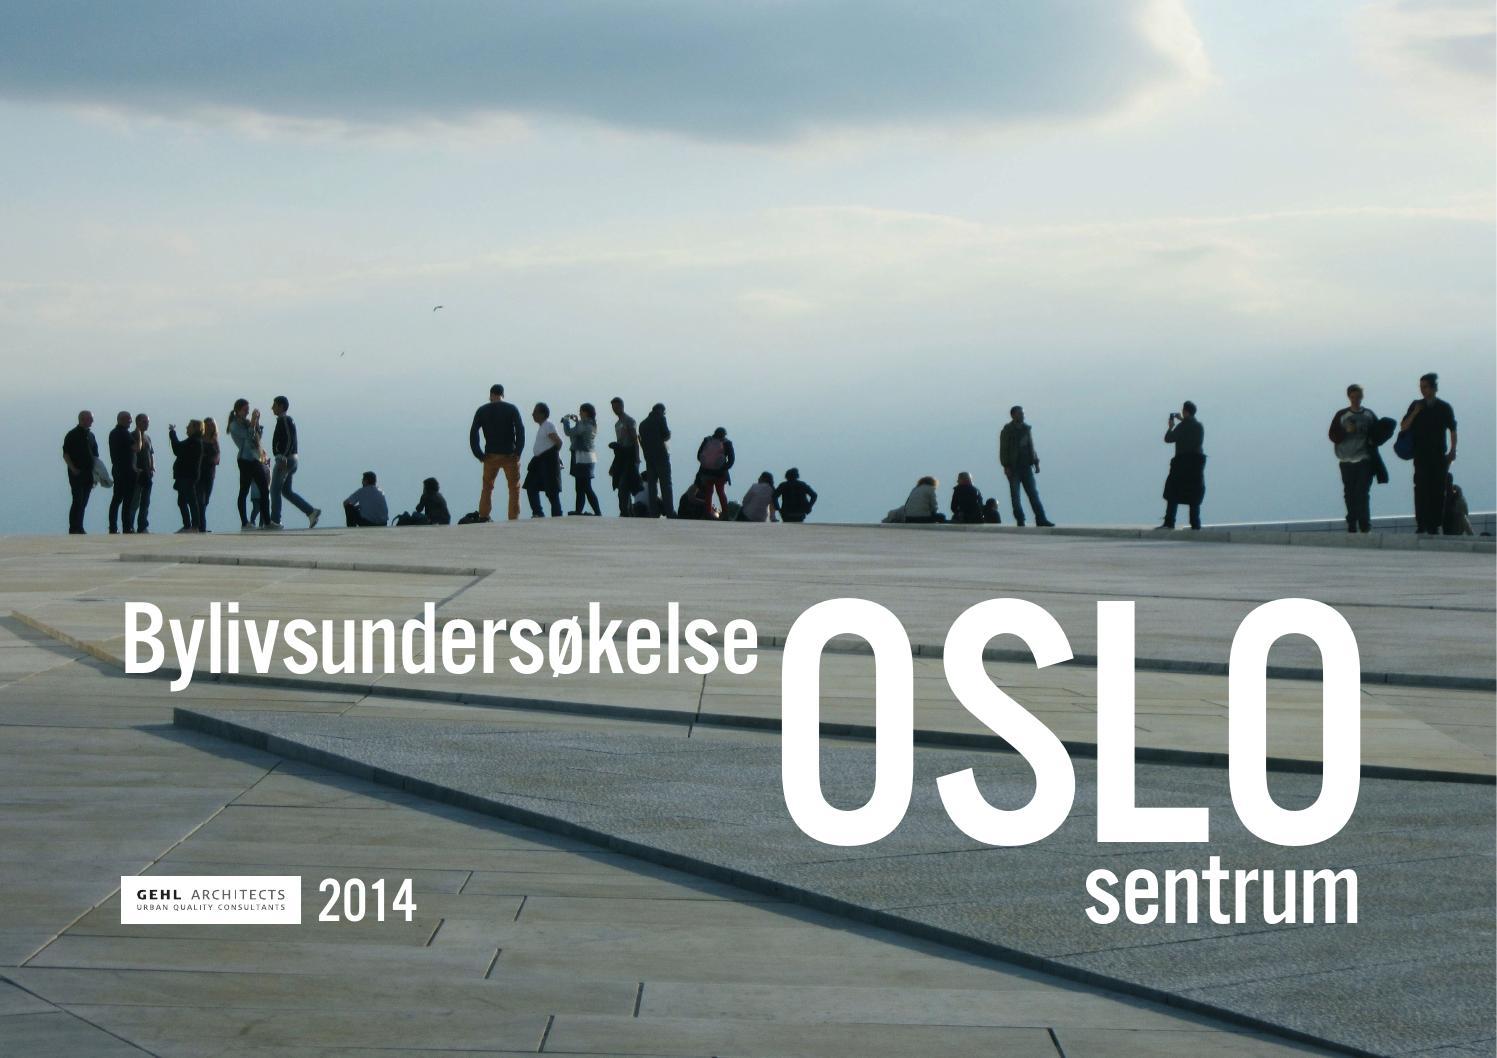 kart milano sentrum Oslo Sentrum   Bylivsundersøkelse by Gehl   Making Cities for  kart milano sentrum